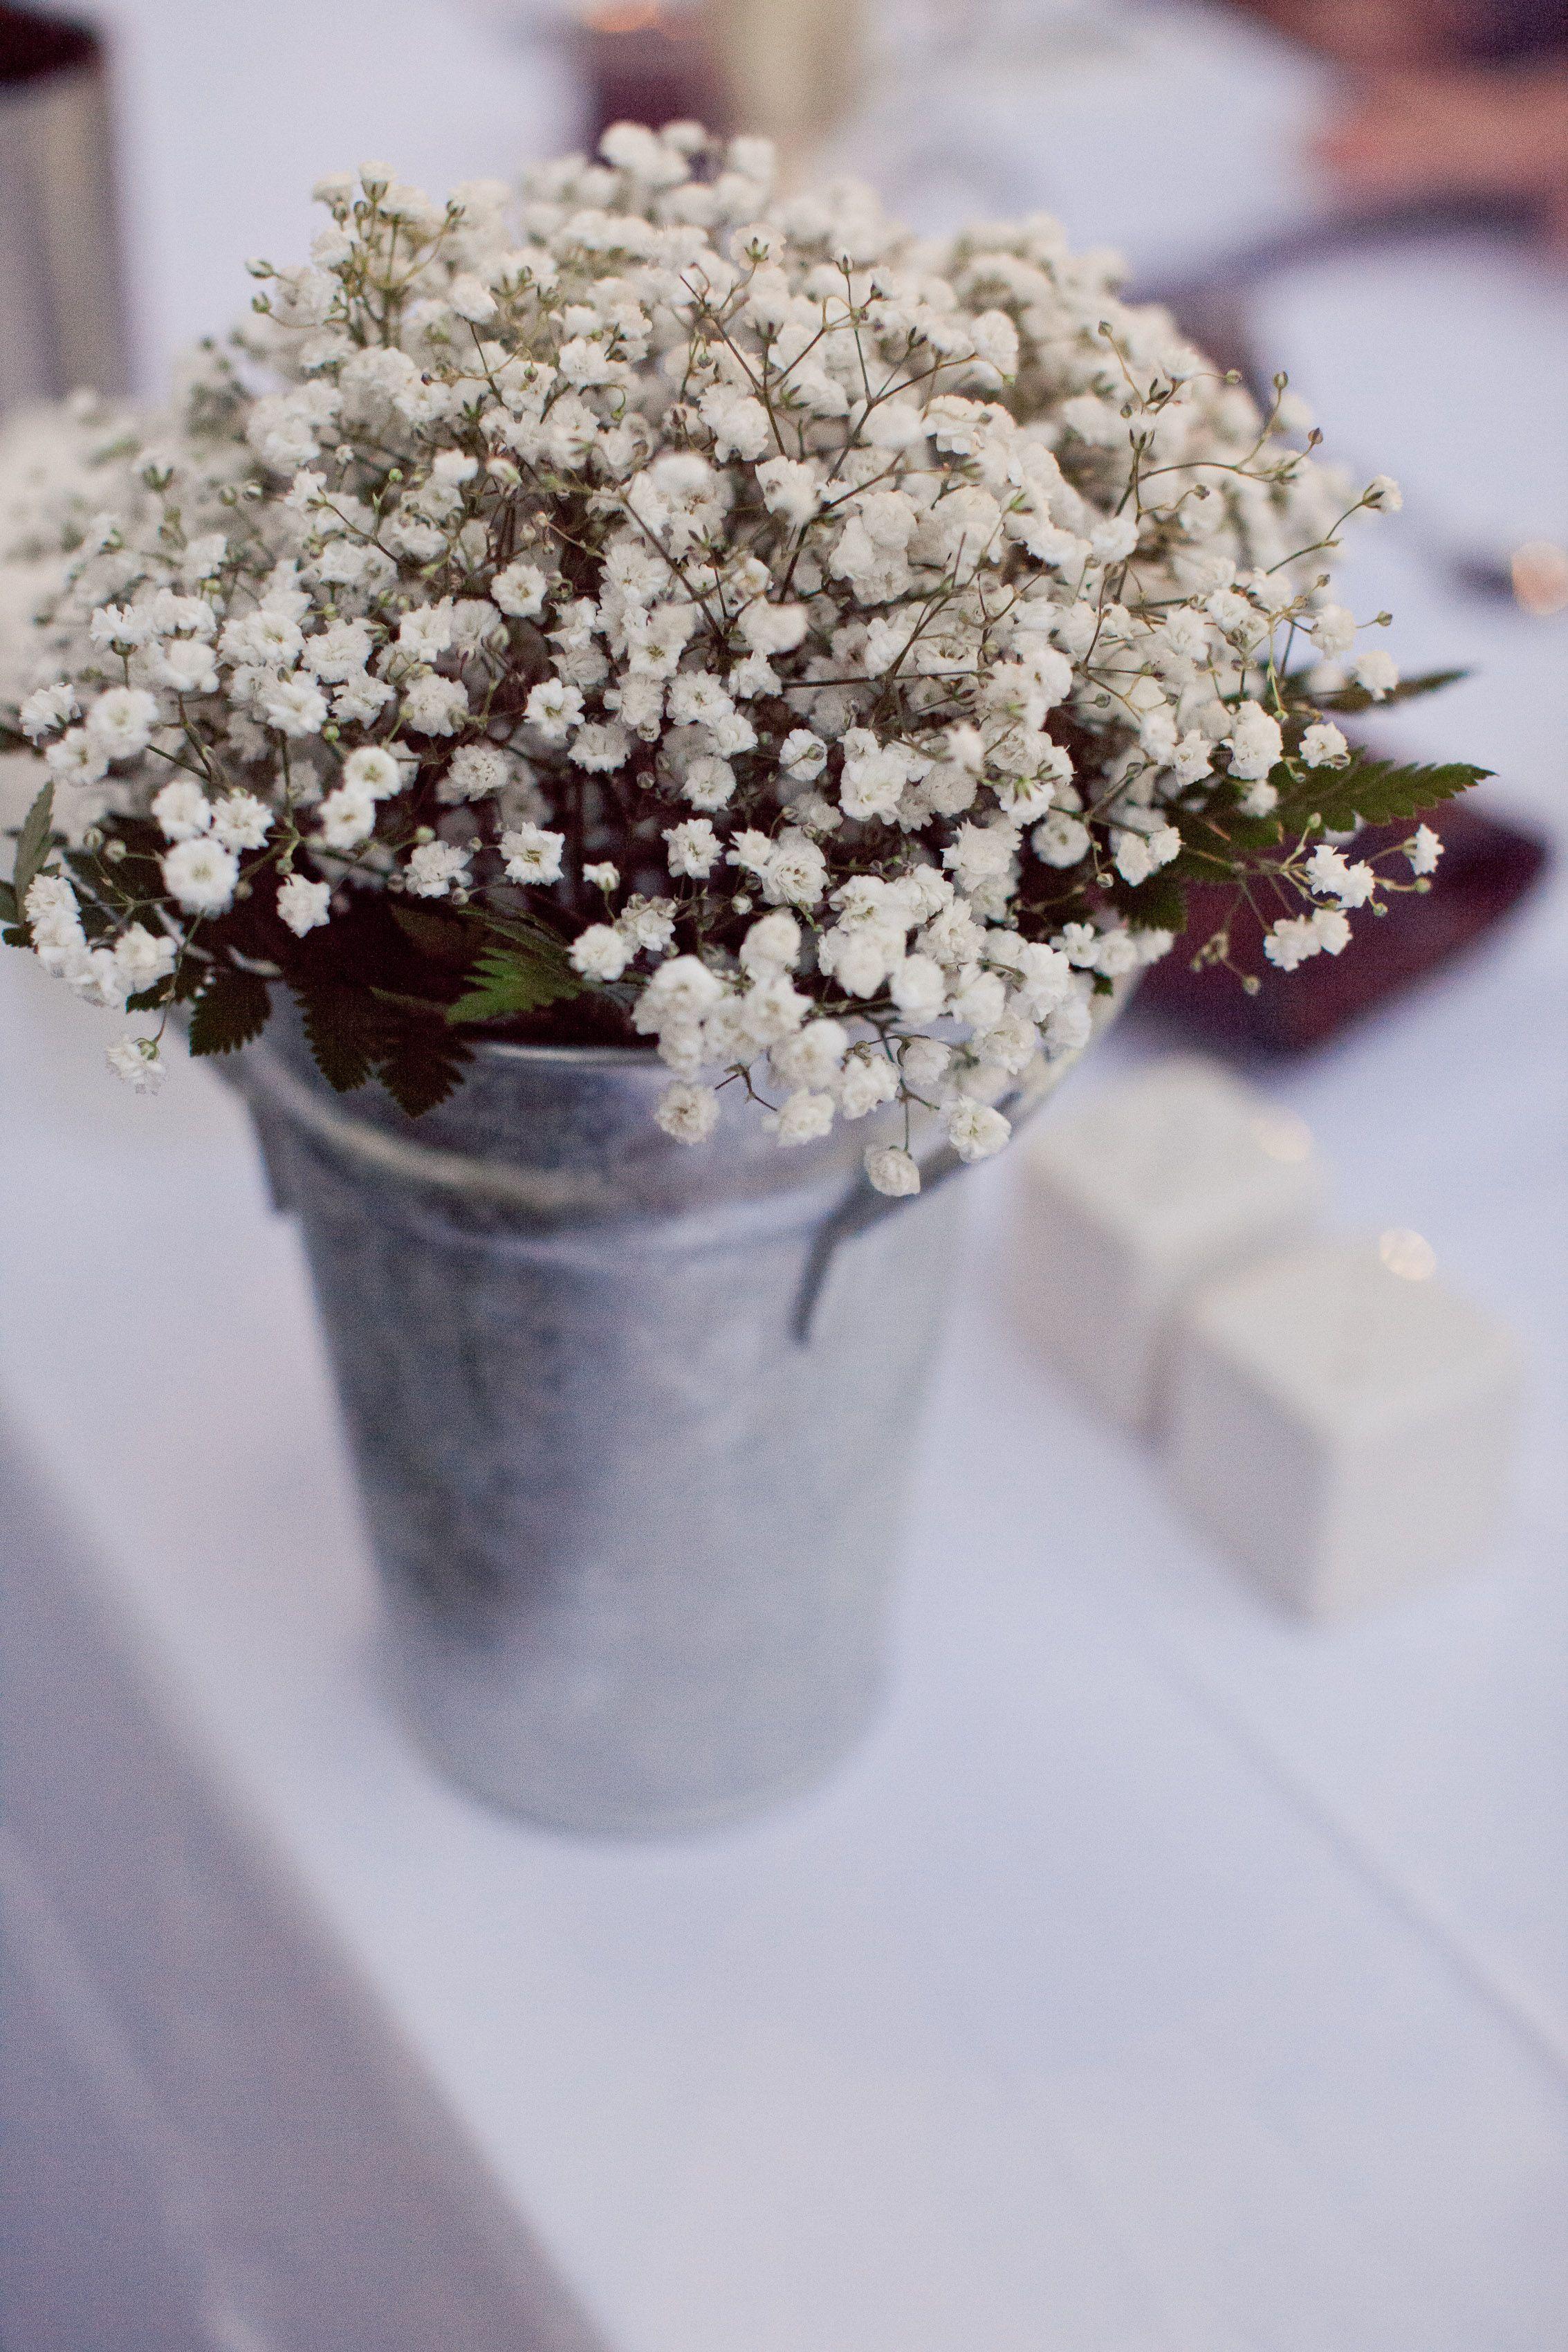 Garden Wedding - Rustic baby's breath